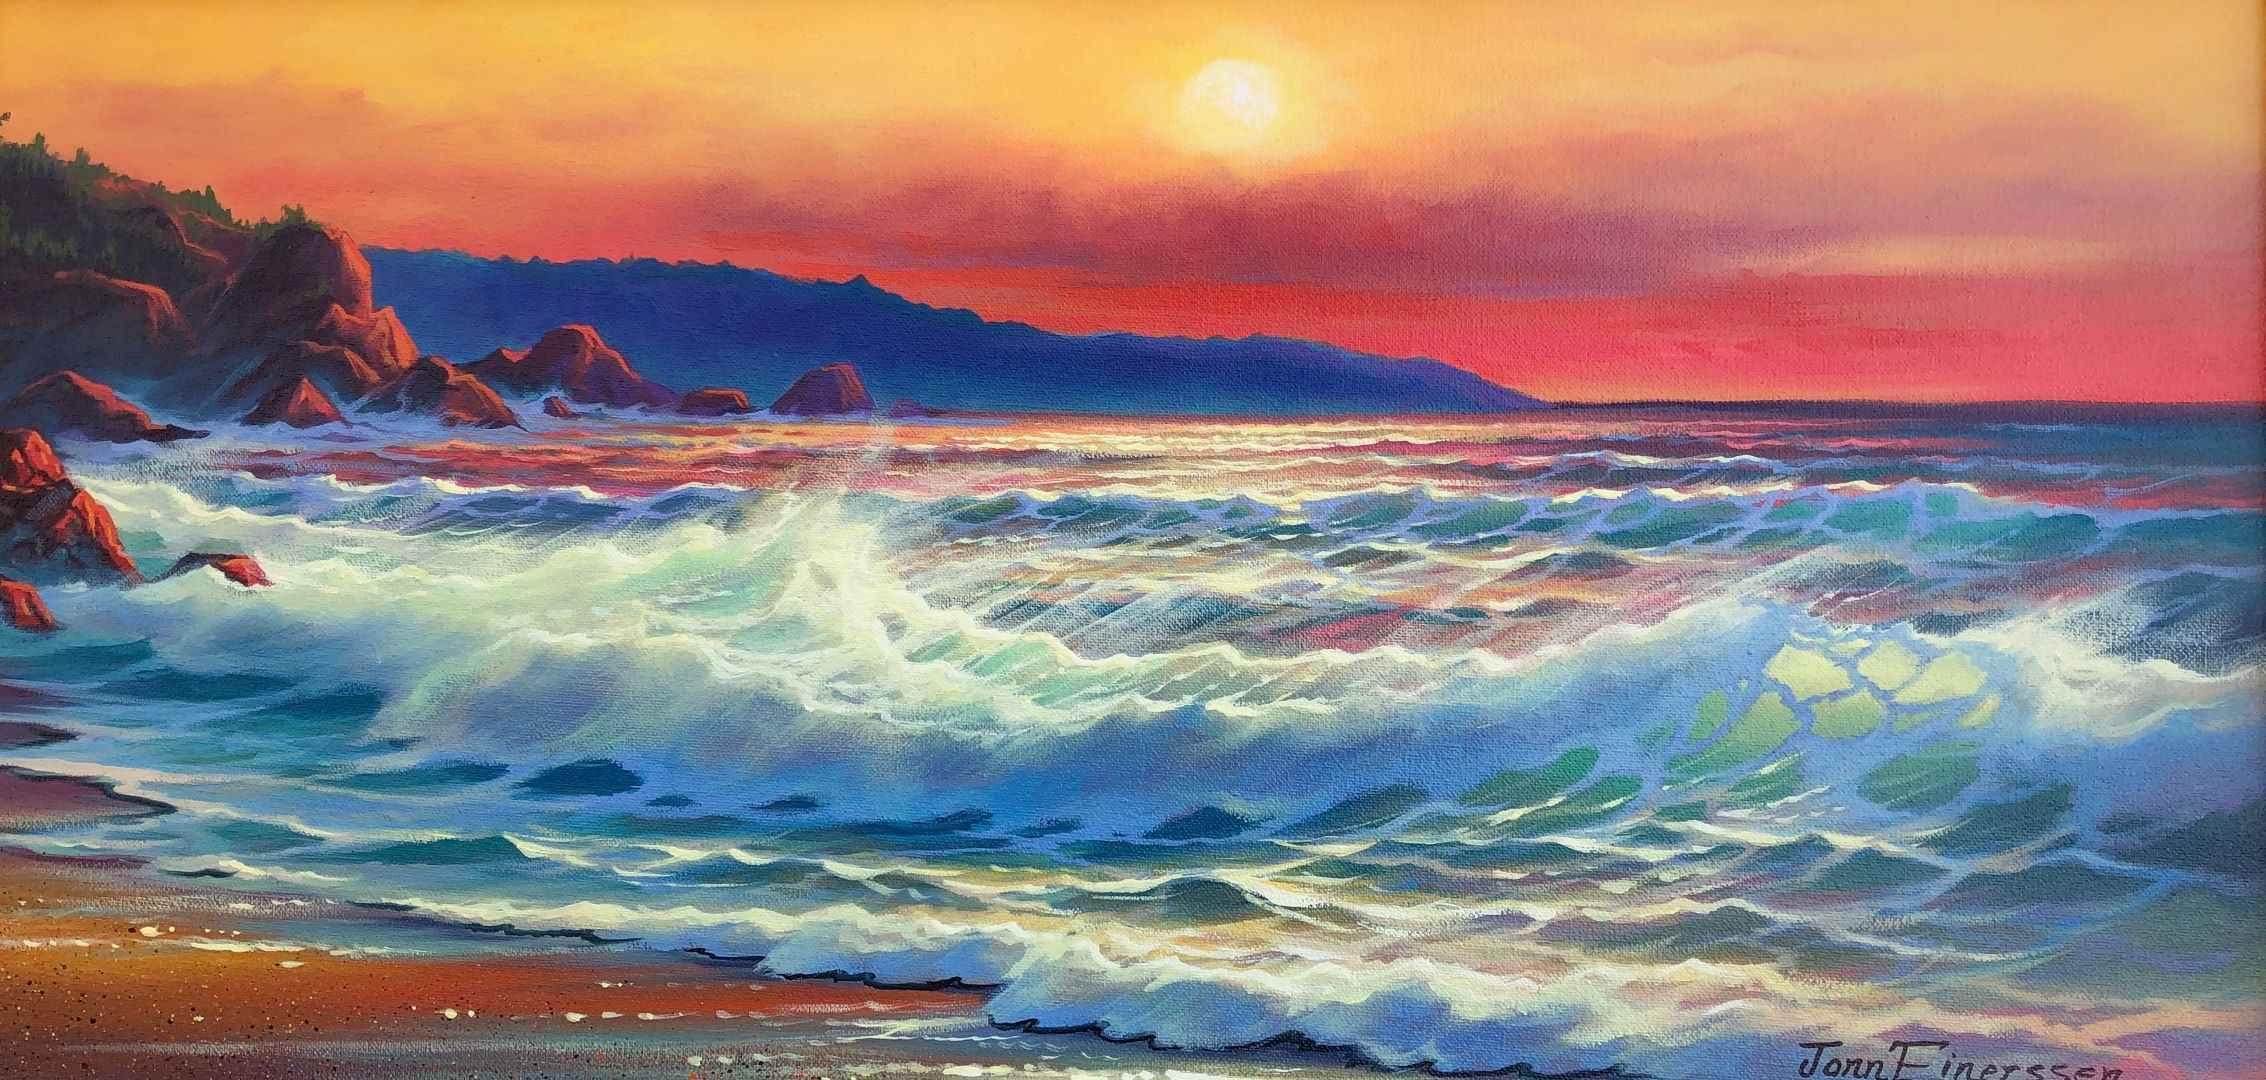 Late Breaker by  Jonn Einerssen - Masterpiece Online